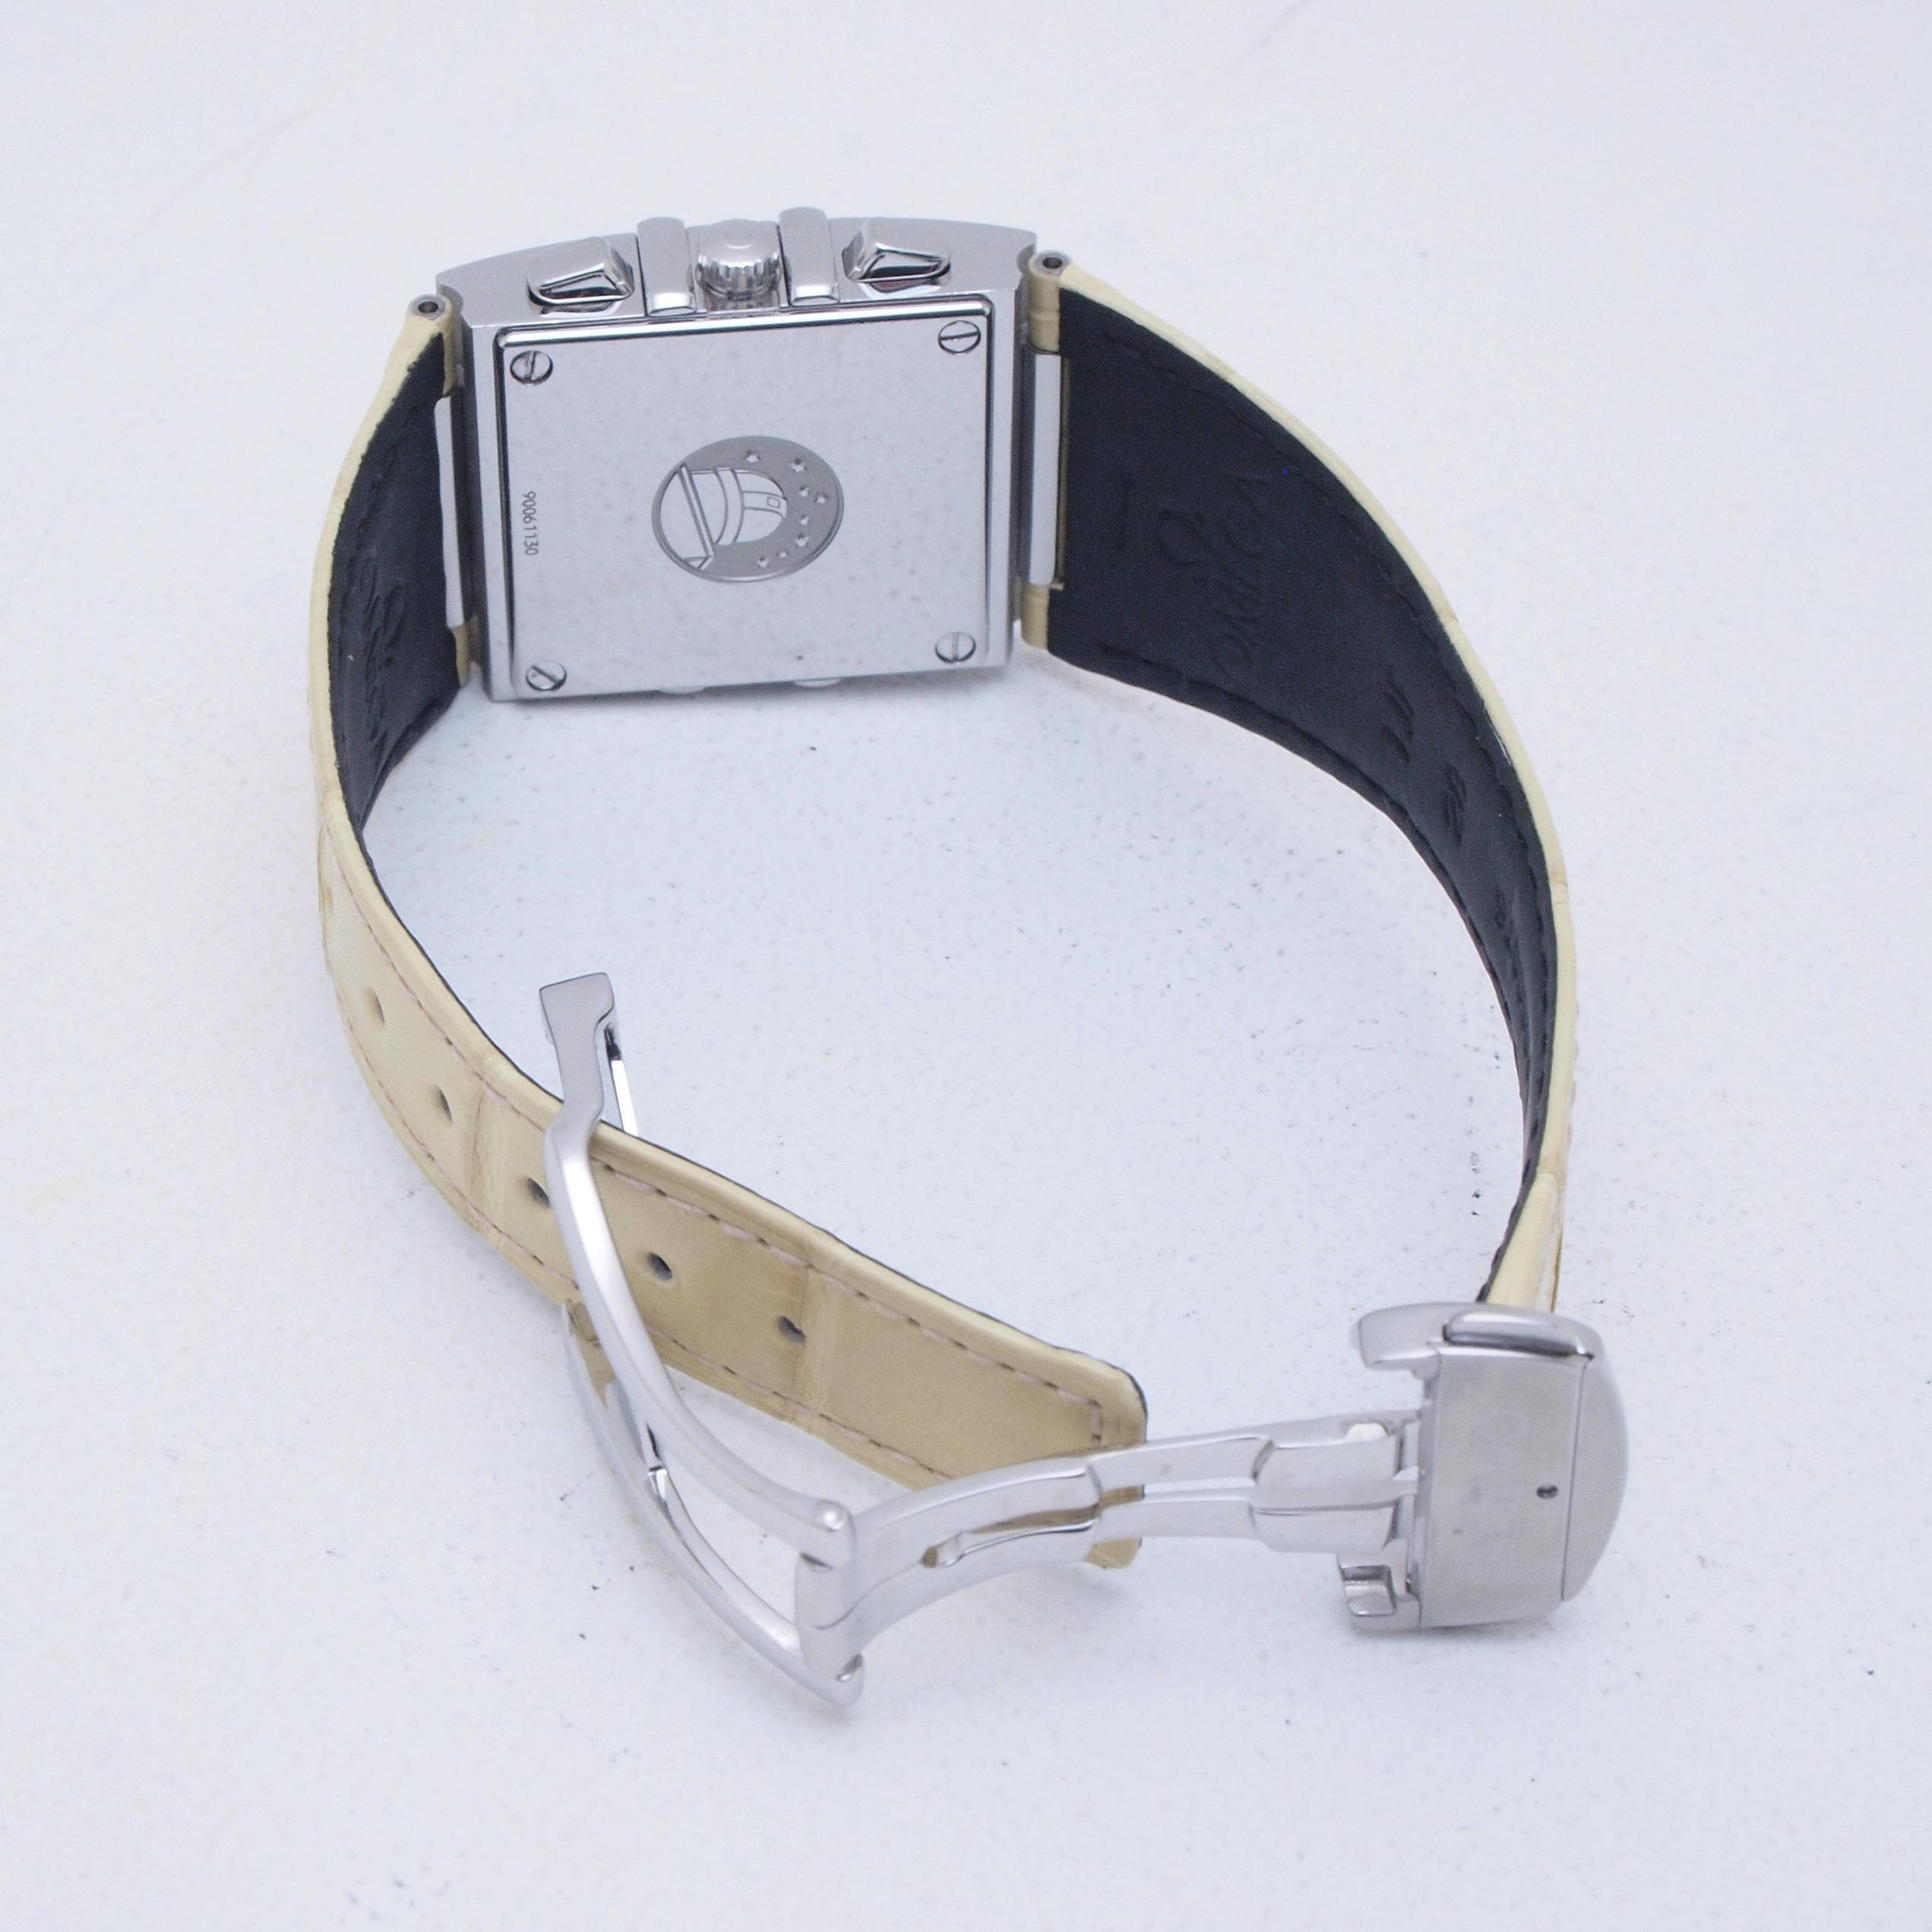 http://オメガ%20OMEGA%20レディース腕時計%20コンステレーション カレ クアドラ%20SS/ダイヤ%20シェル文字盤%20中古%20新入荷%20おすすめ